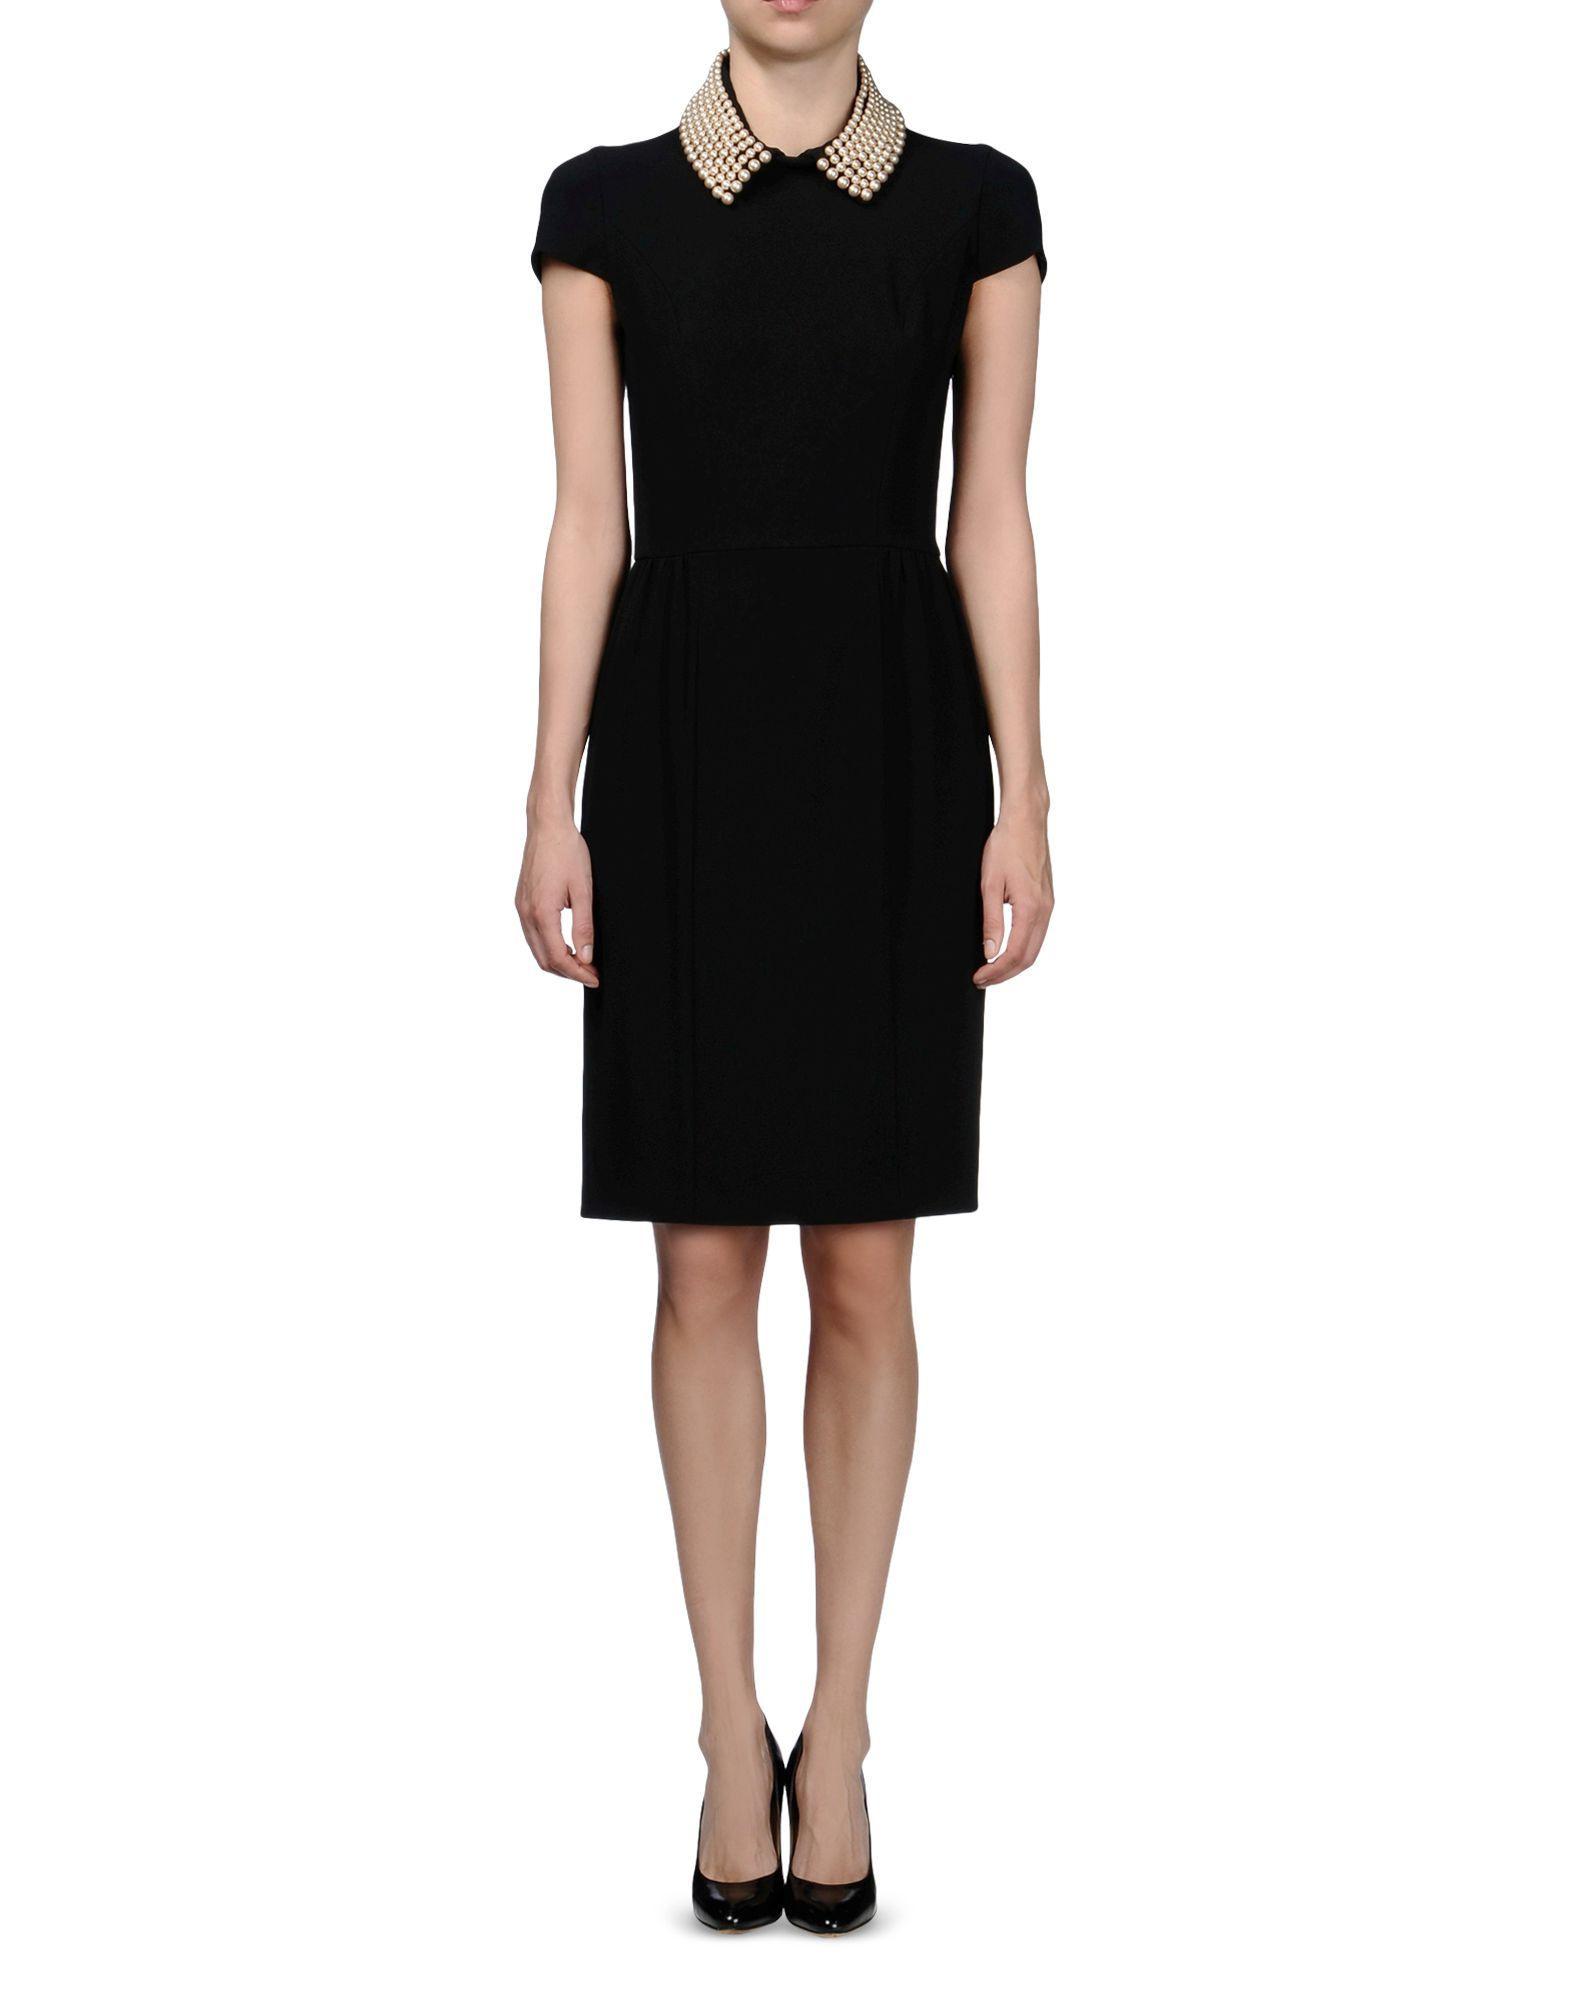 Kurzes Kleid Für Sie  Moschino Online Store Mit Bildern